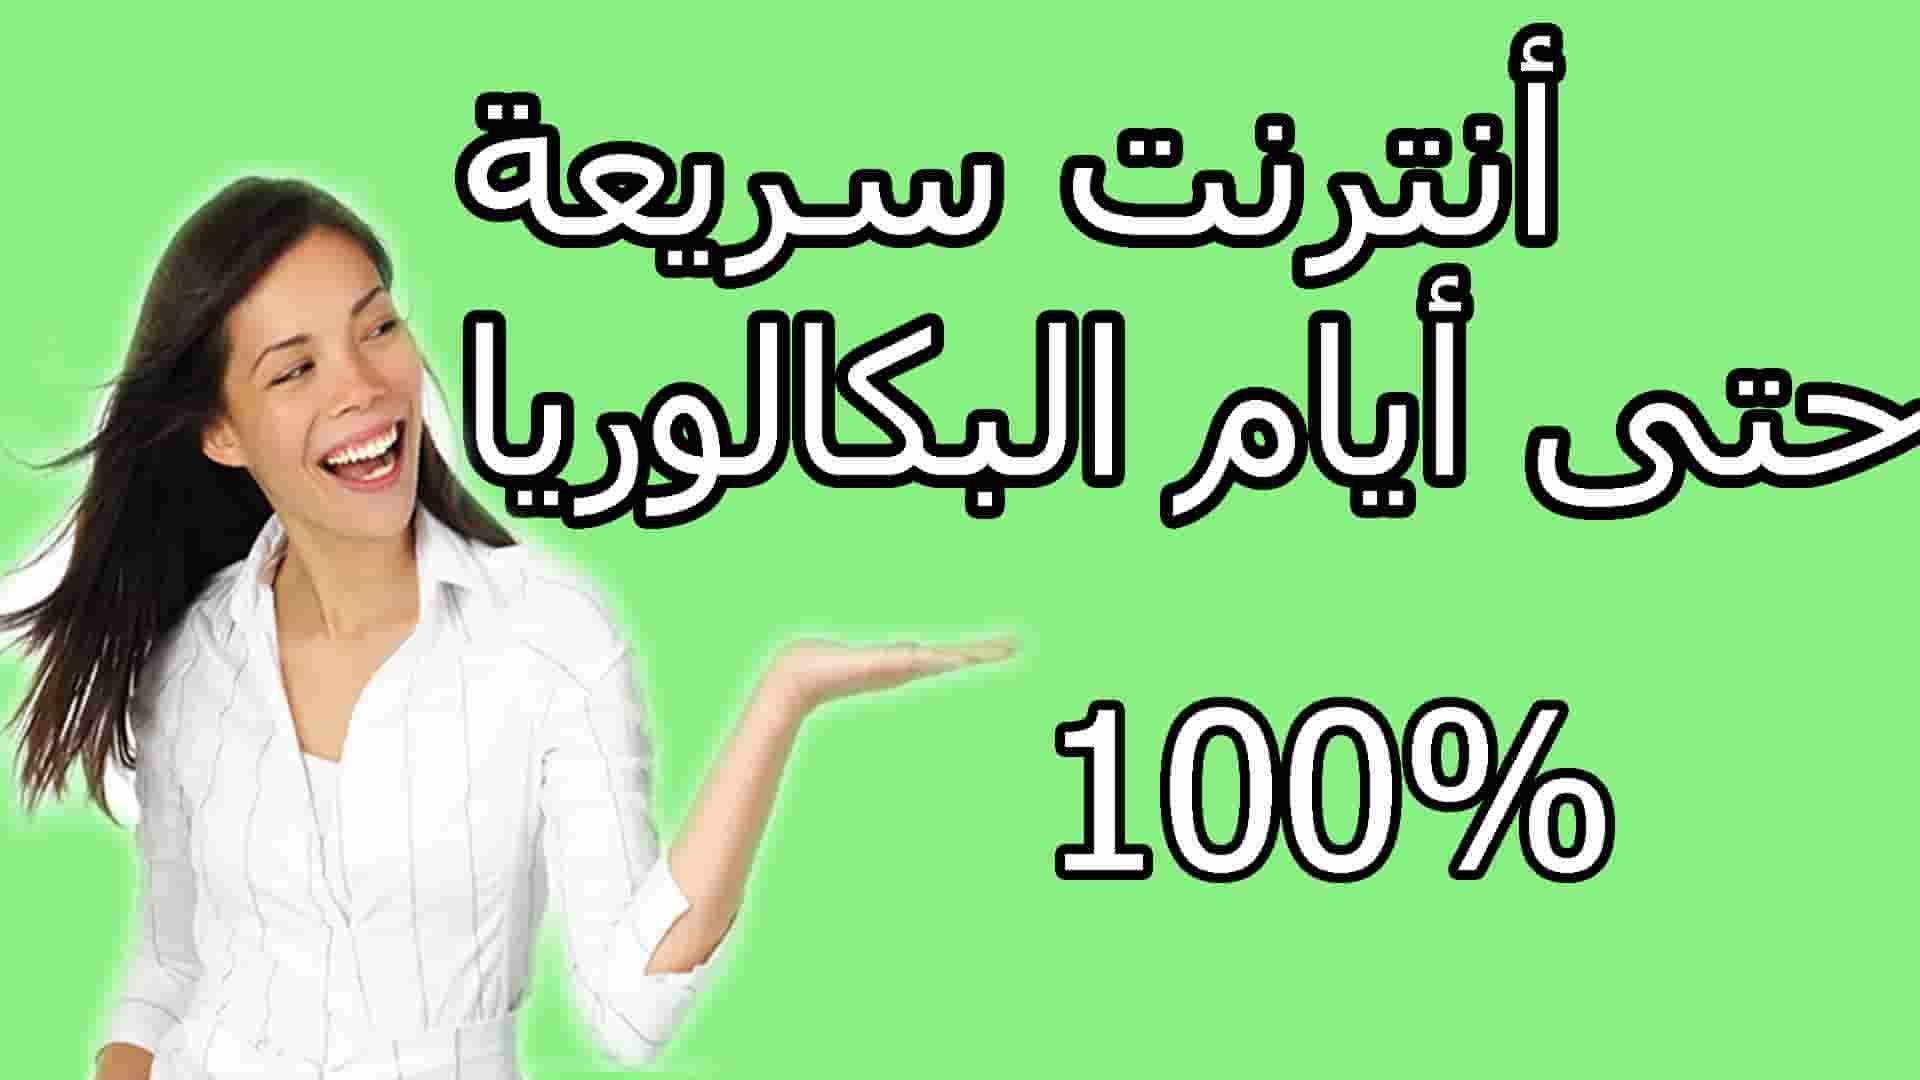 الانترنت البكالوريا الجزائر